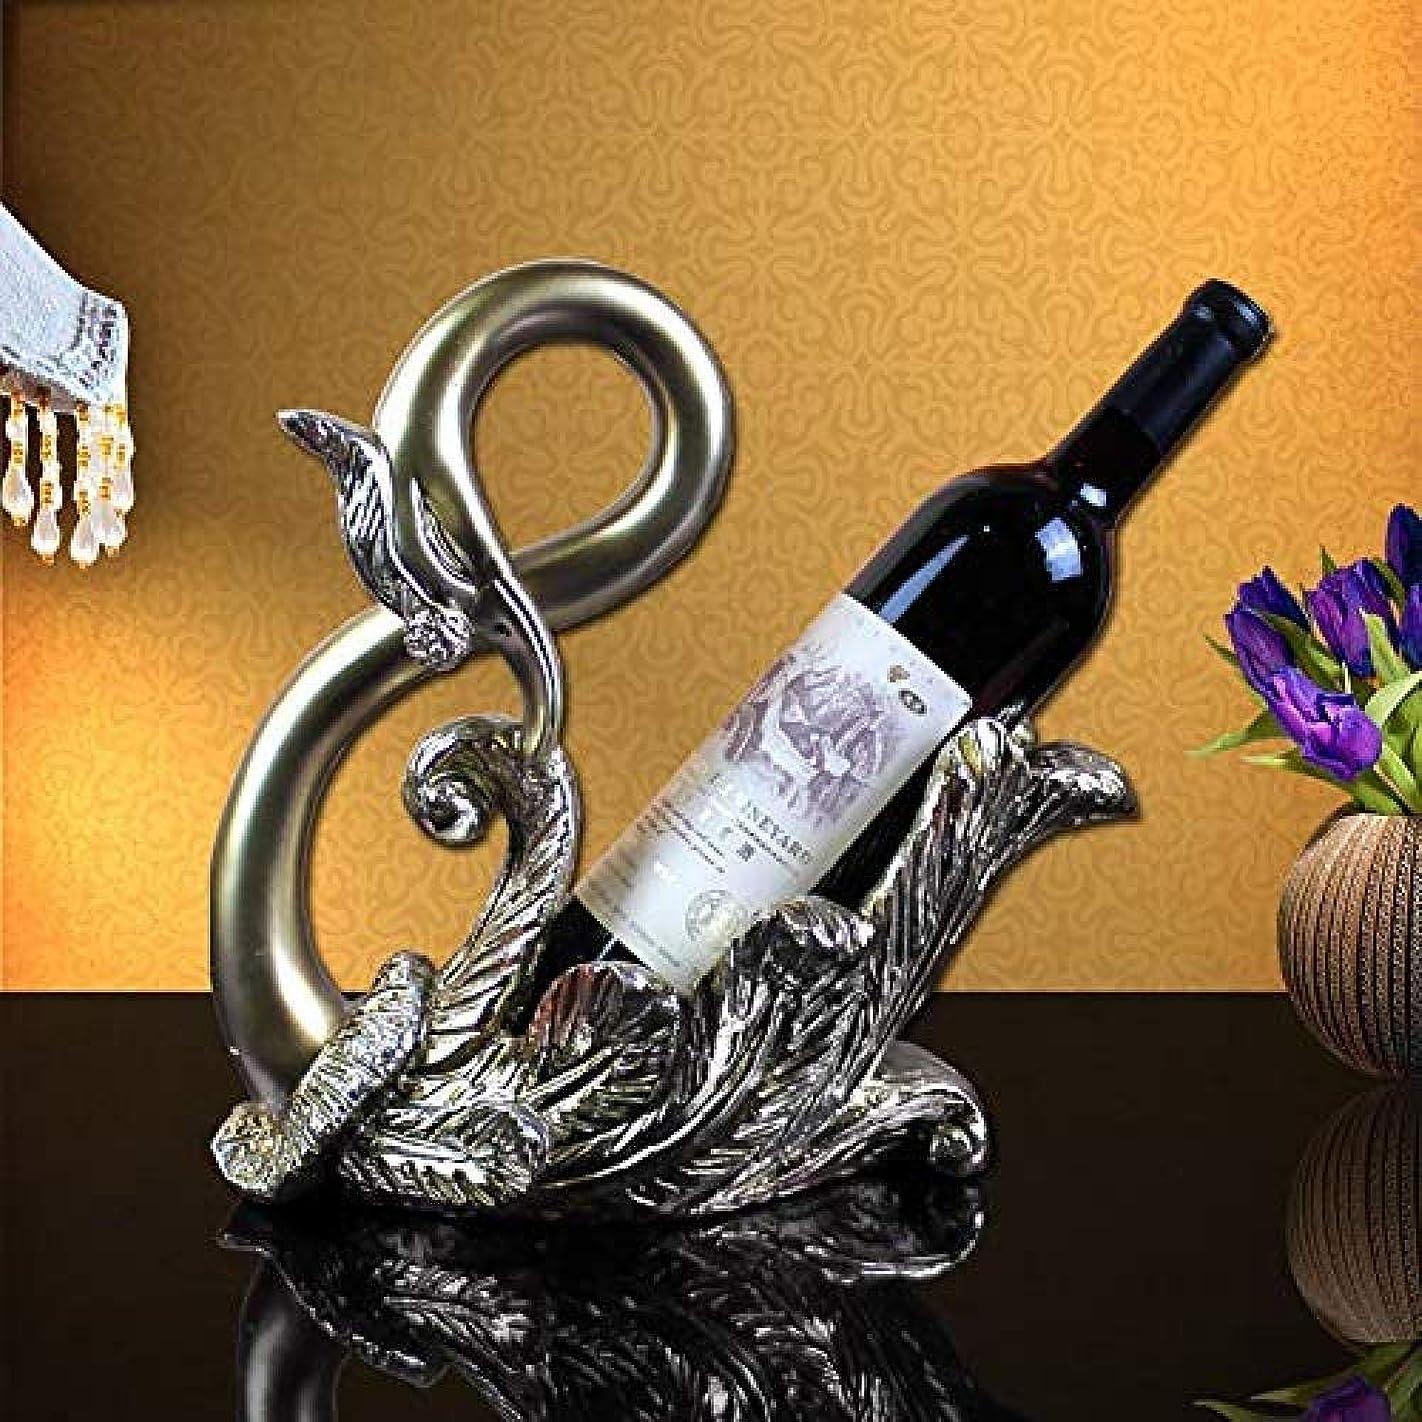 侵入お願いしますエレベーターCHUNSHENN ワイン収納 シャンパンホルダー 欧州の樹脂白鳥のワインラックのファッションのホームアクセサリーのワインキャビネットギフト屋内リビングデスクトップキッチン彫刻ディスプレイスタンドジュエリーアートクラフト 置物 実用的 工芸品